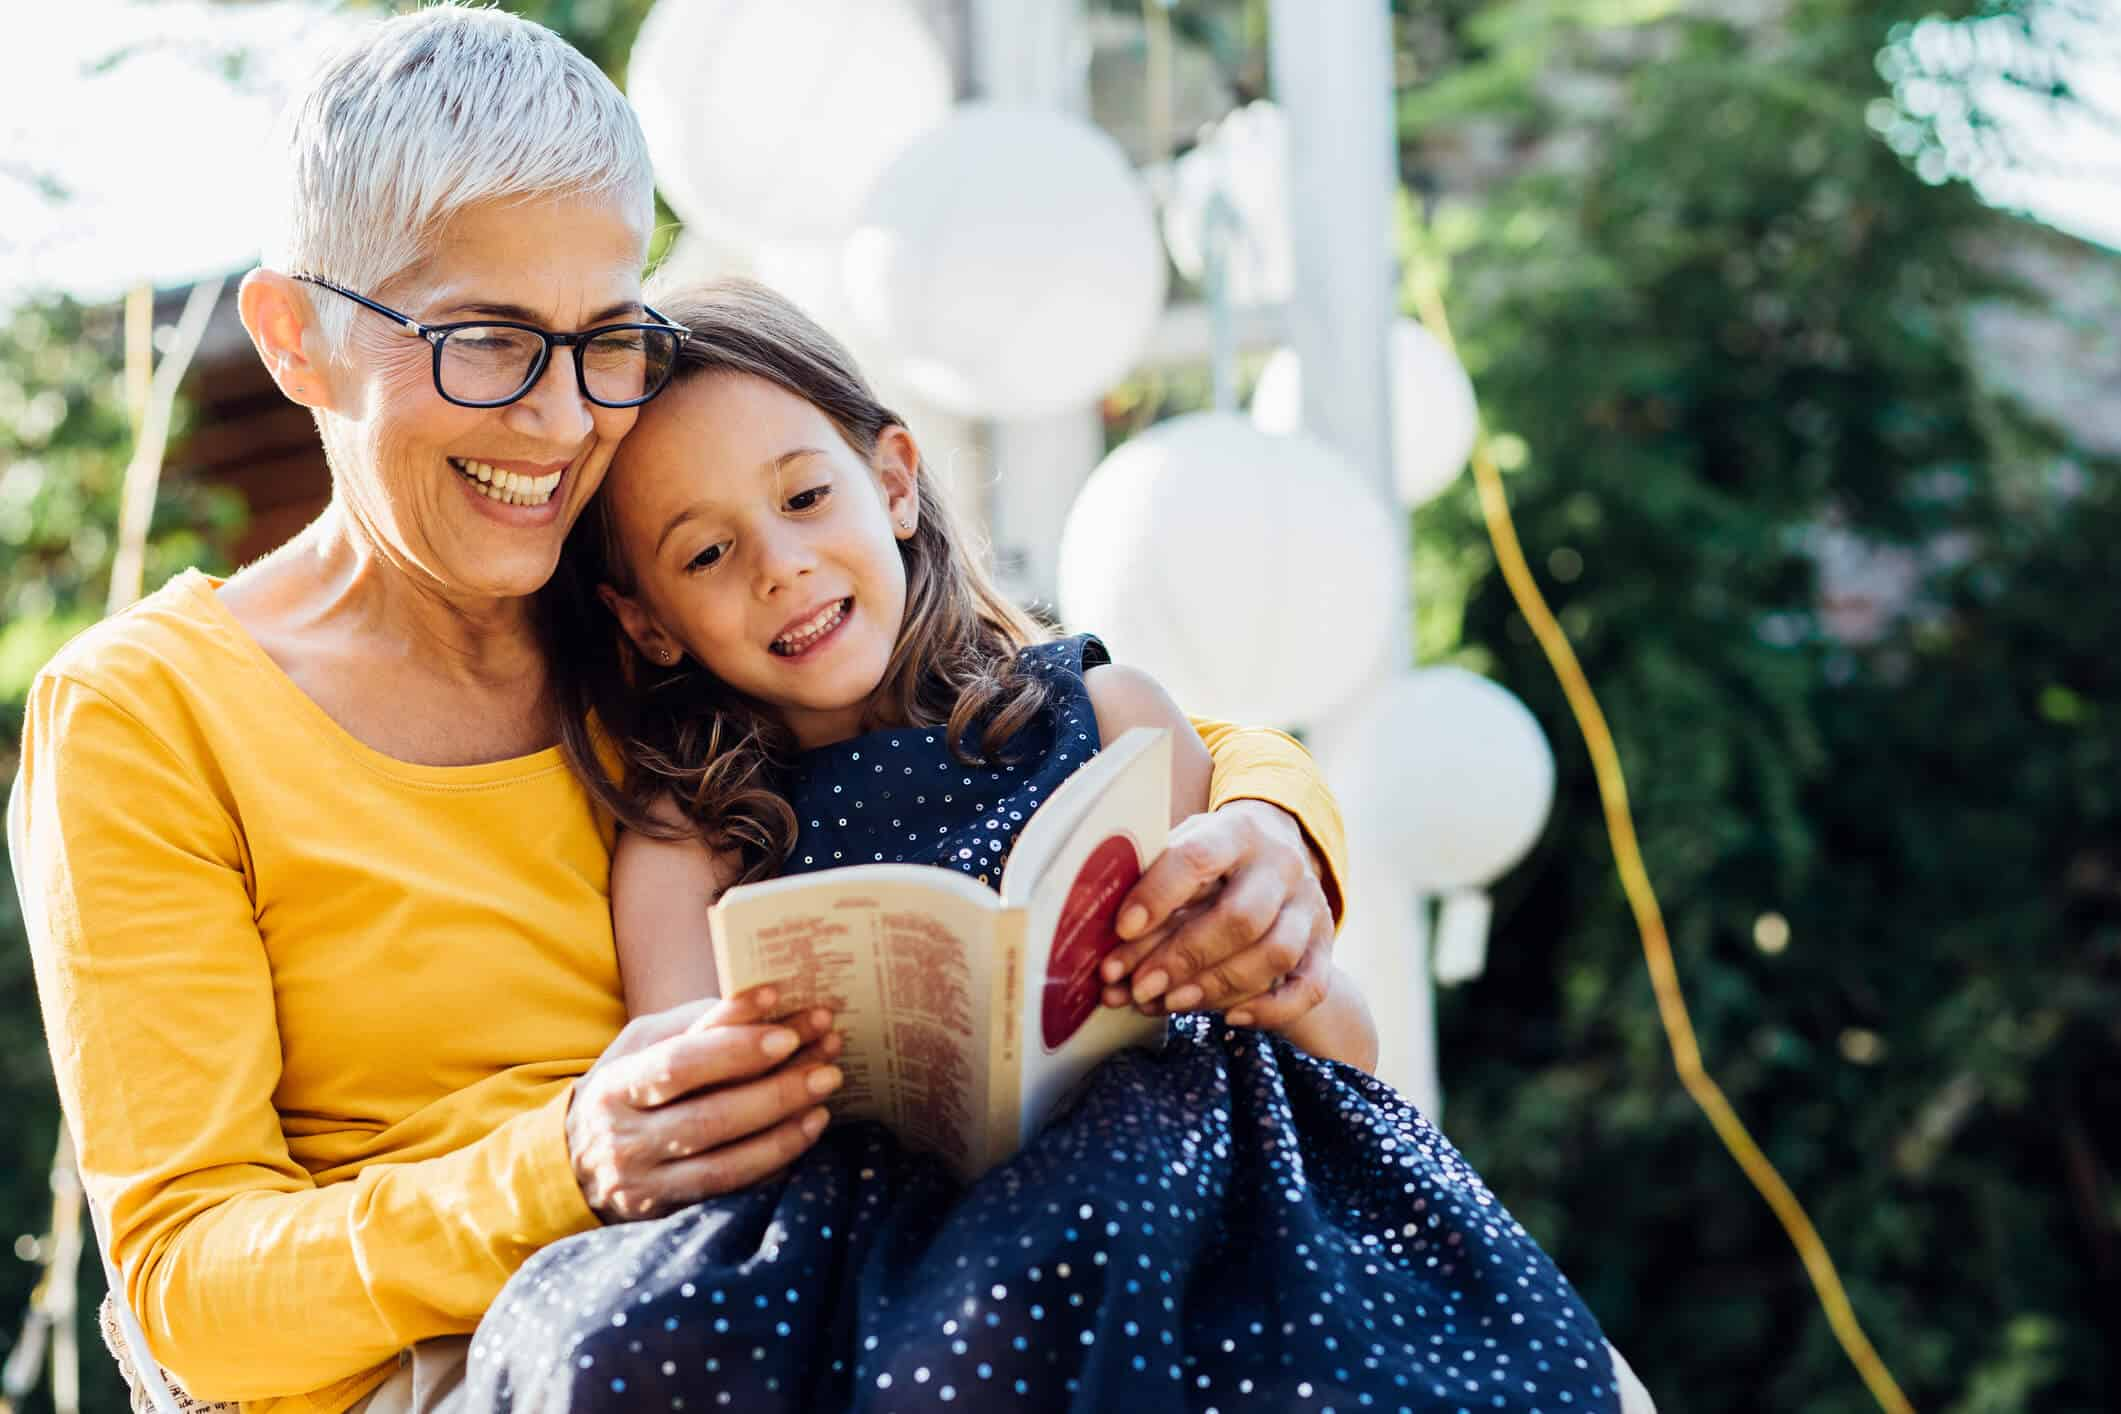 atividades para desenvolver a leitura: avó lendo para neta em jardim bonito.